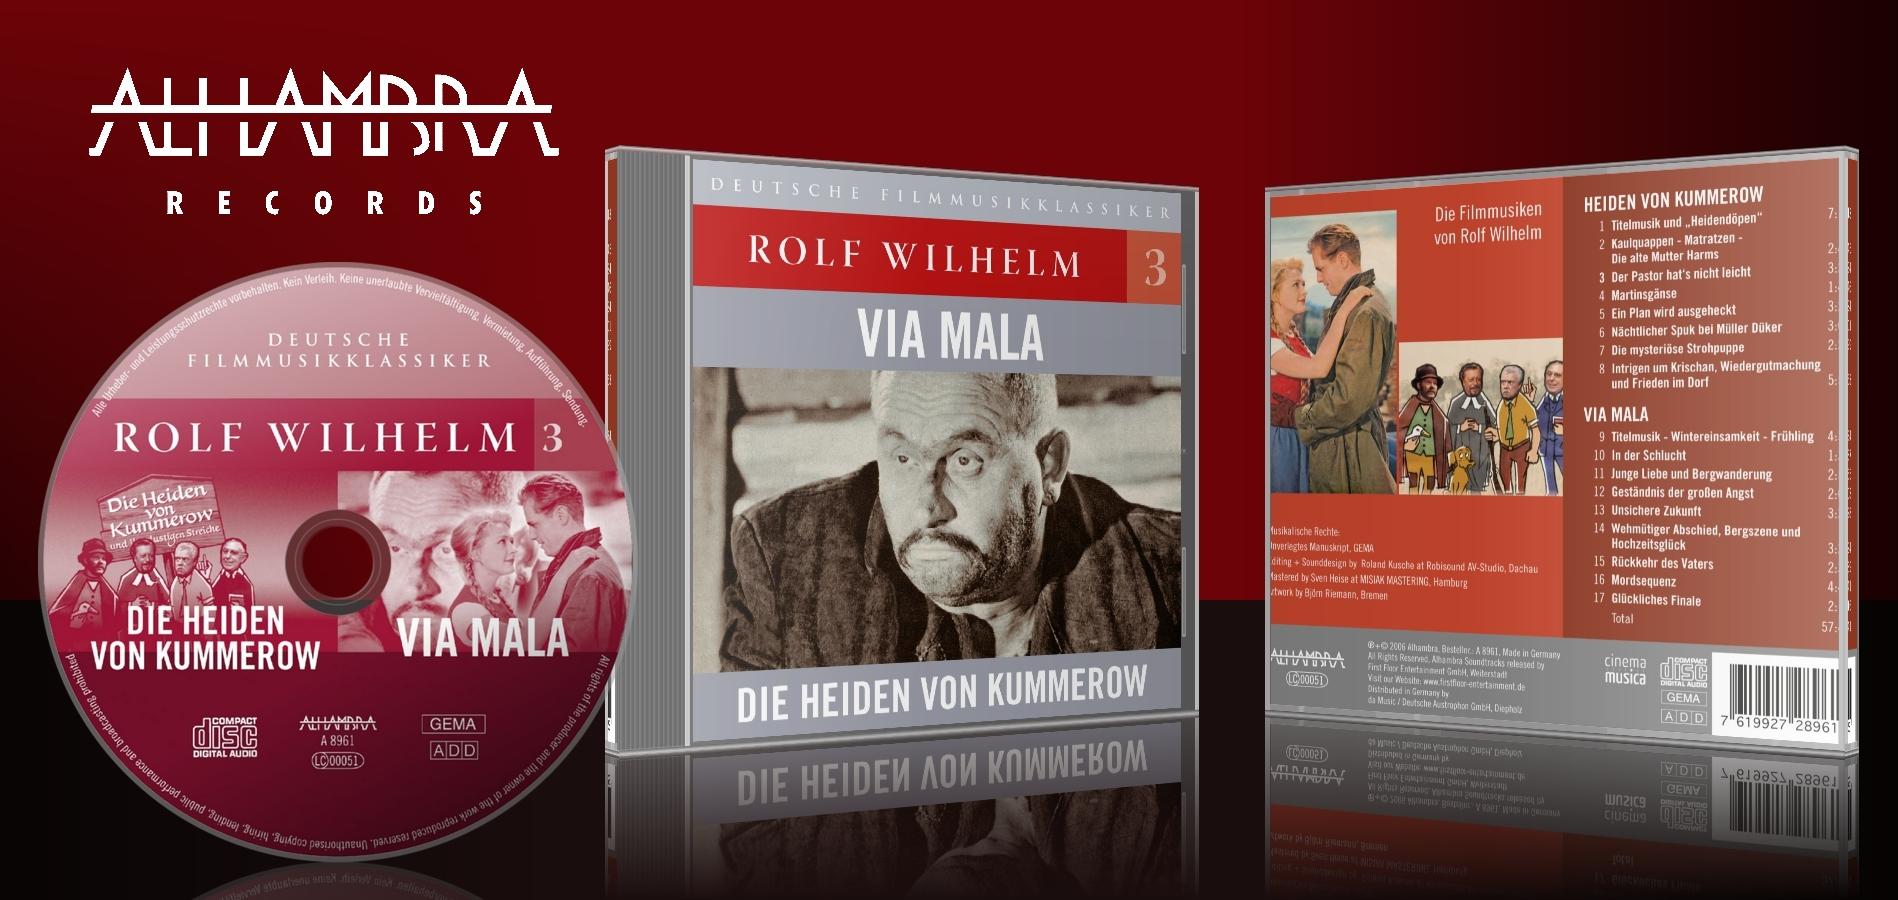 Rolf Wilhelm 3 – Die Heiden von Kummerow, Via Mala